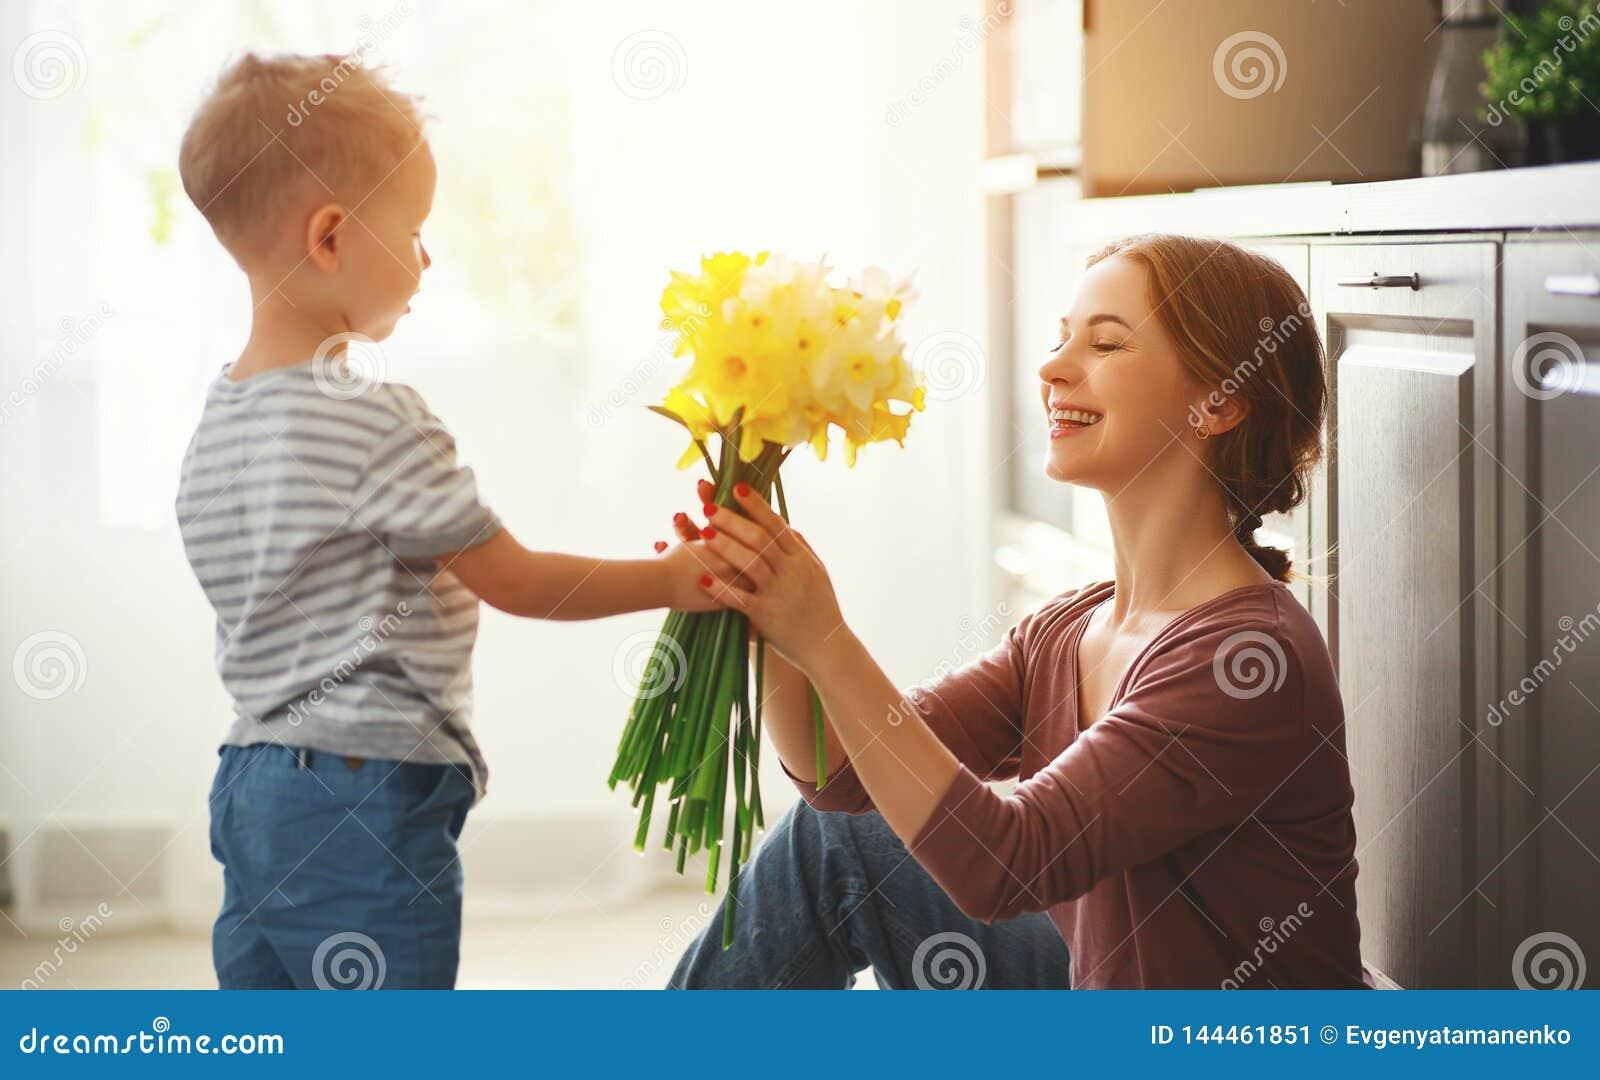 De dag van de gelukkige moeder! de kindzoon geeft flowersformoeder op vakantie